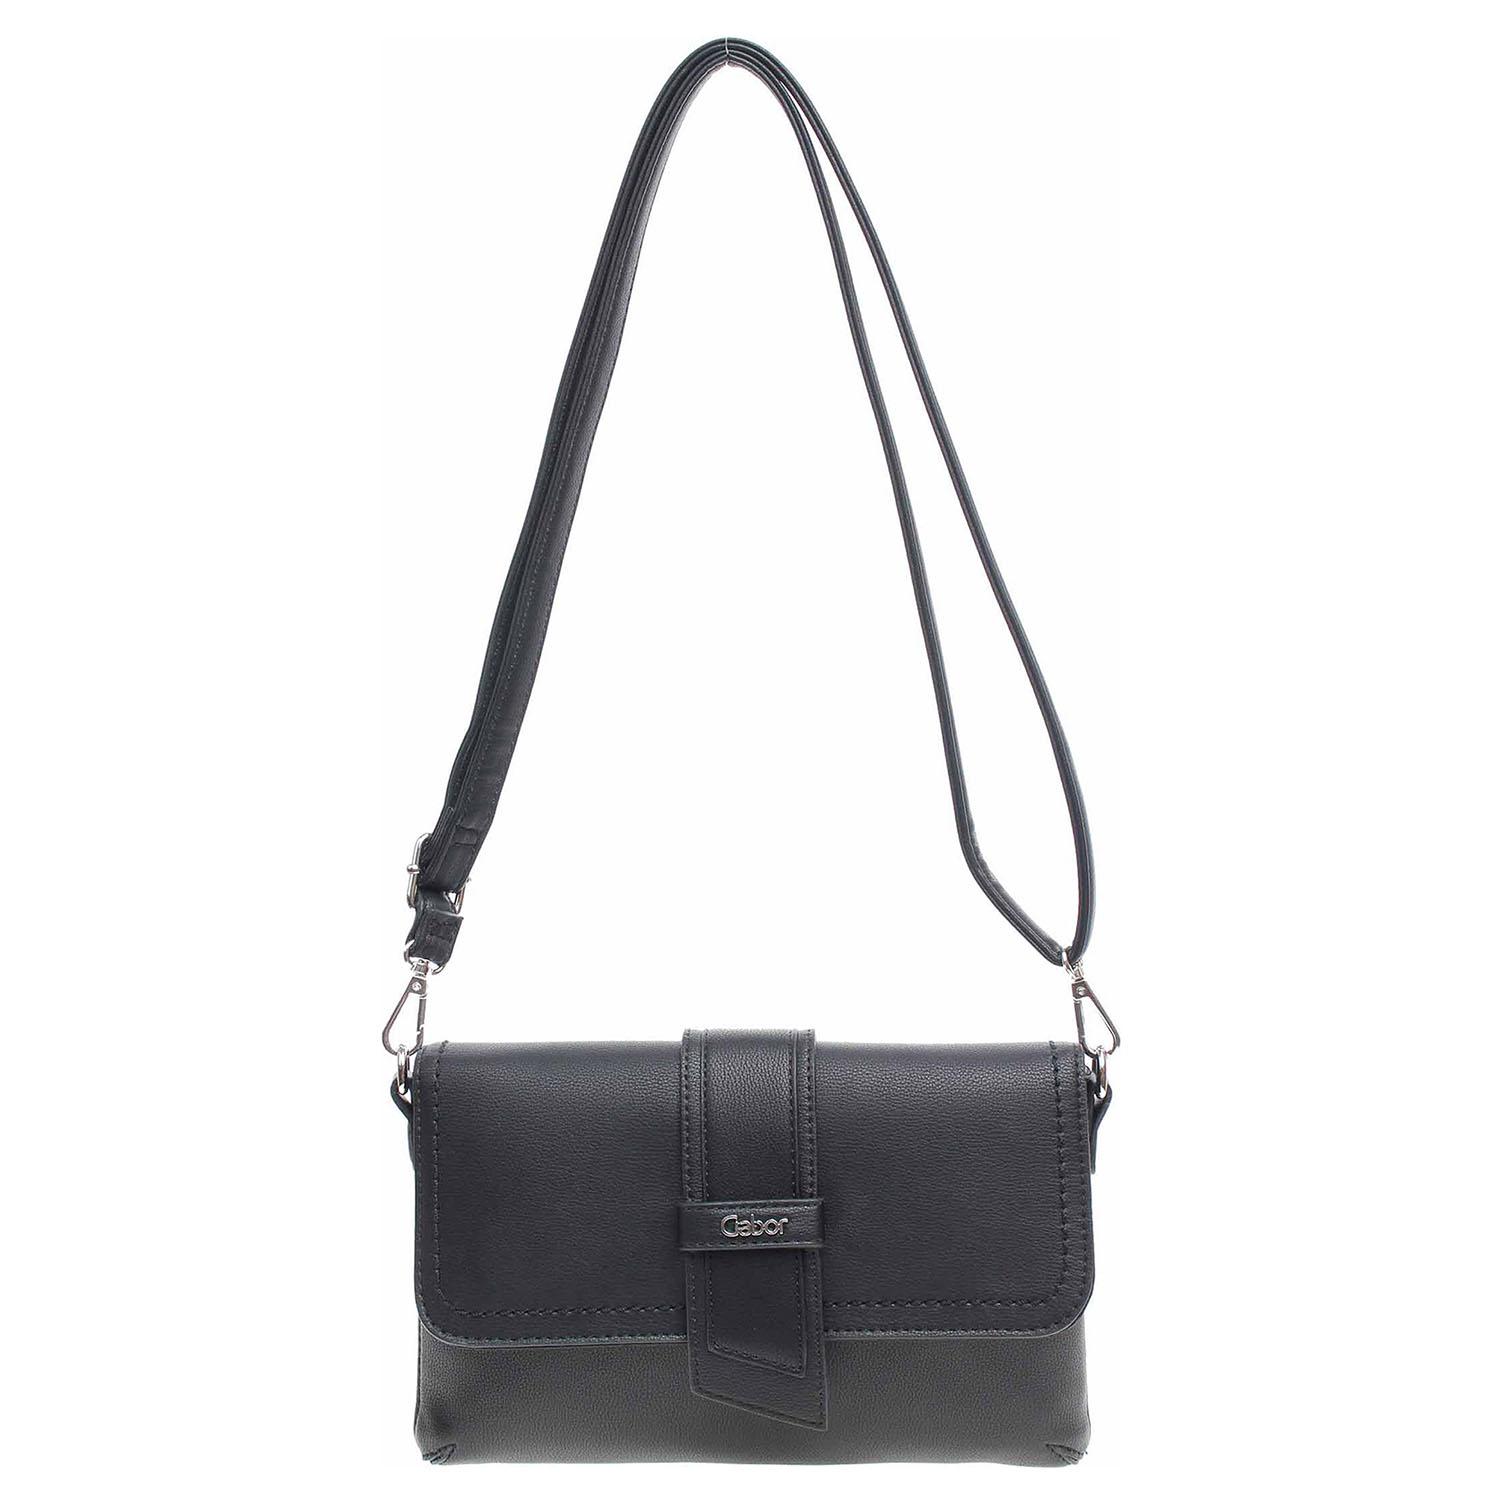 Gabor dámská kabelka 8406 60 Calera black 8406 60 1